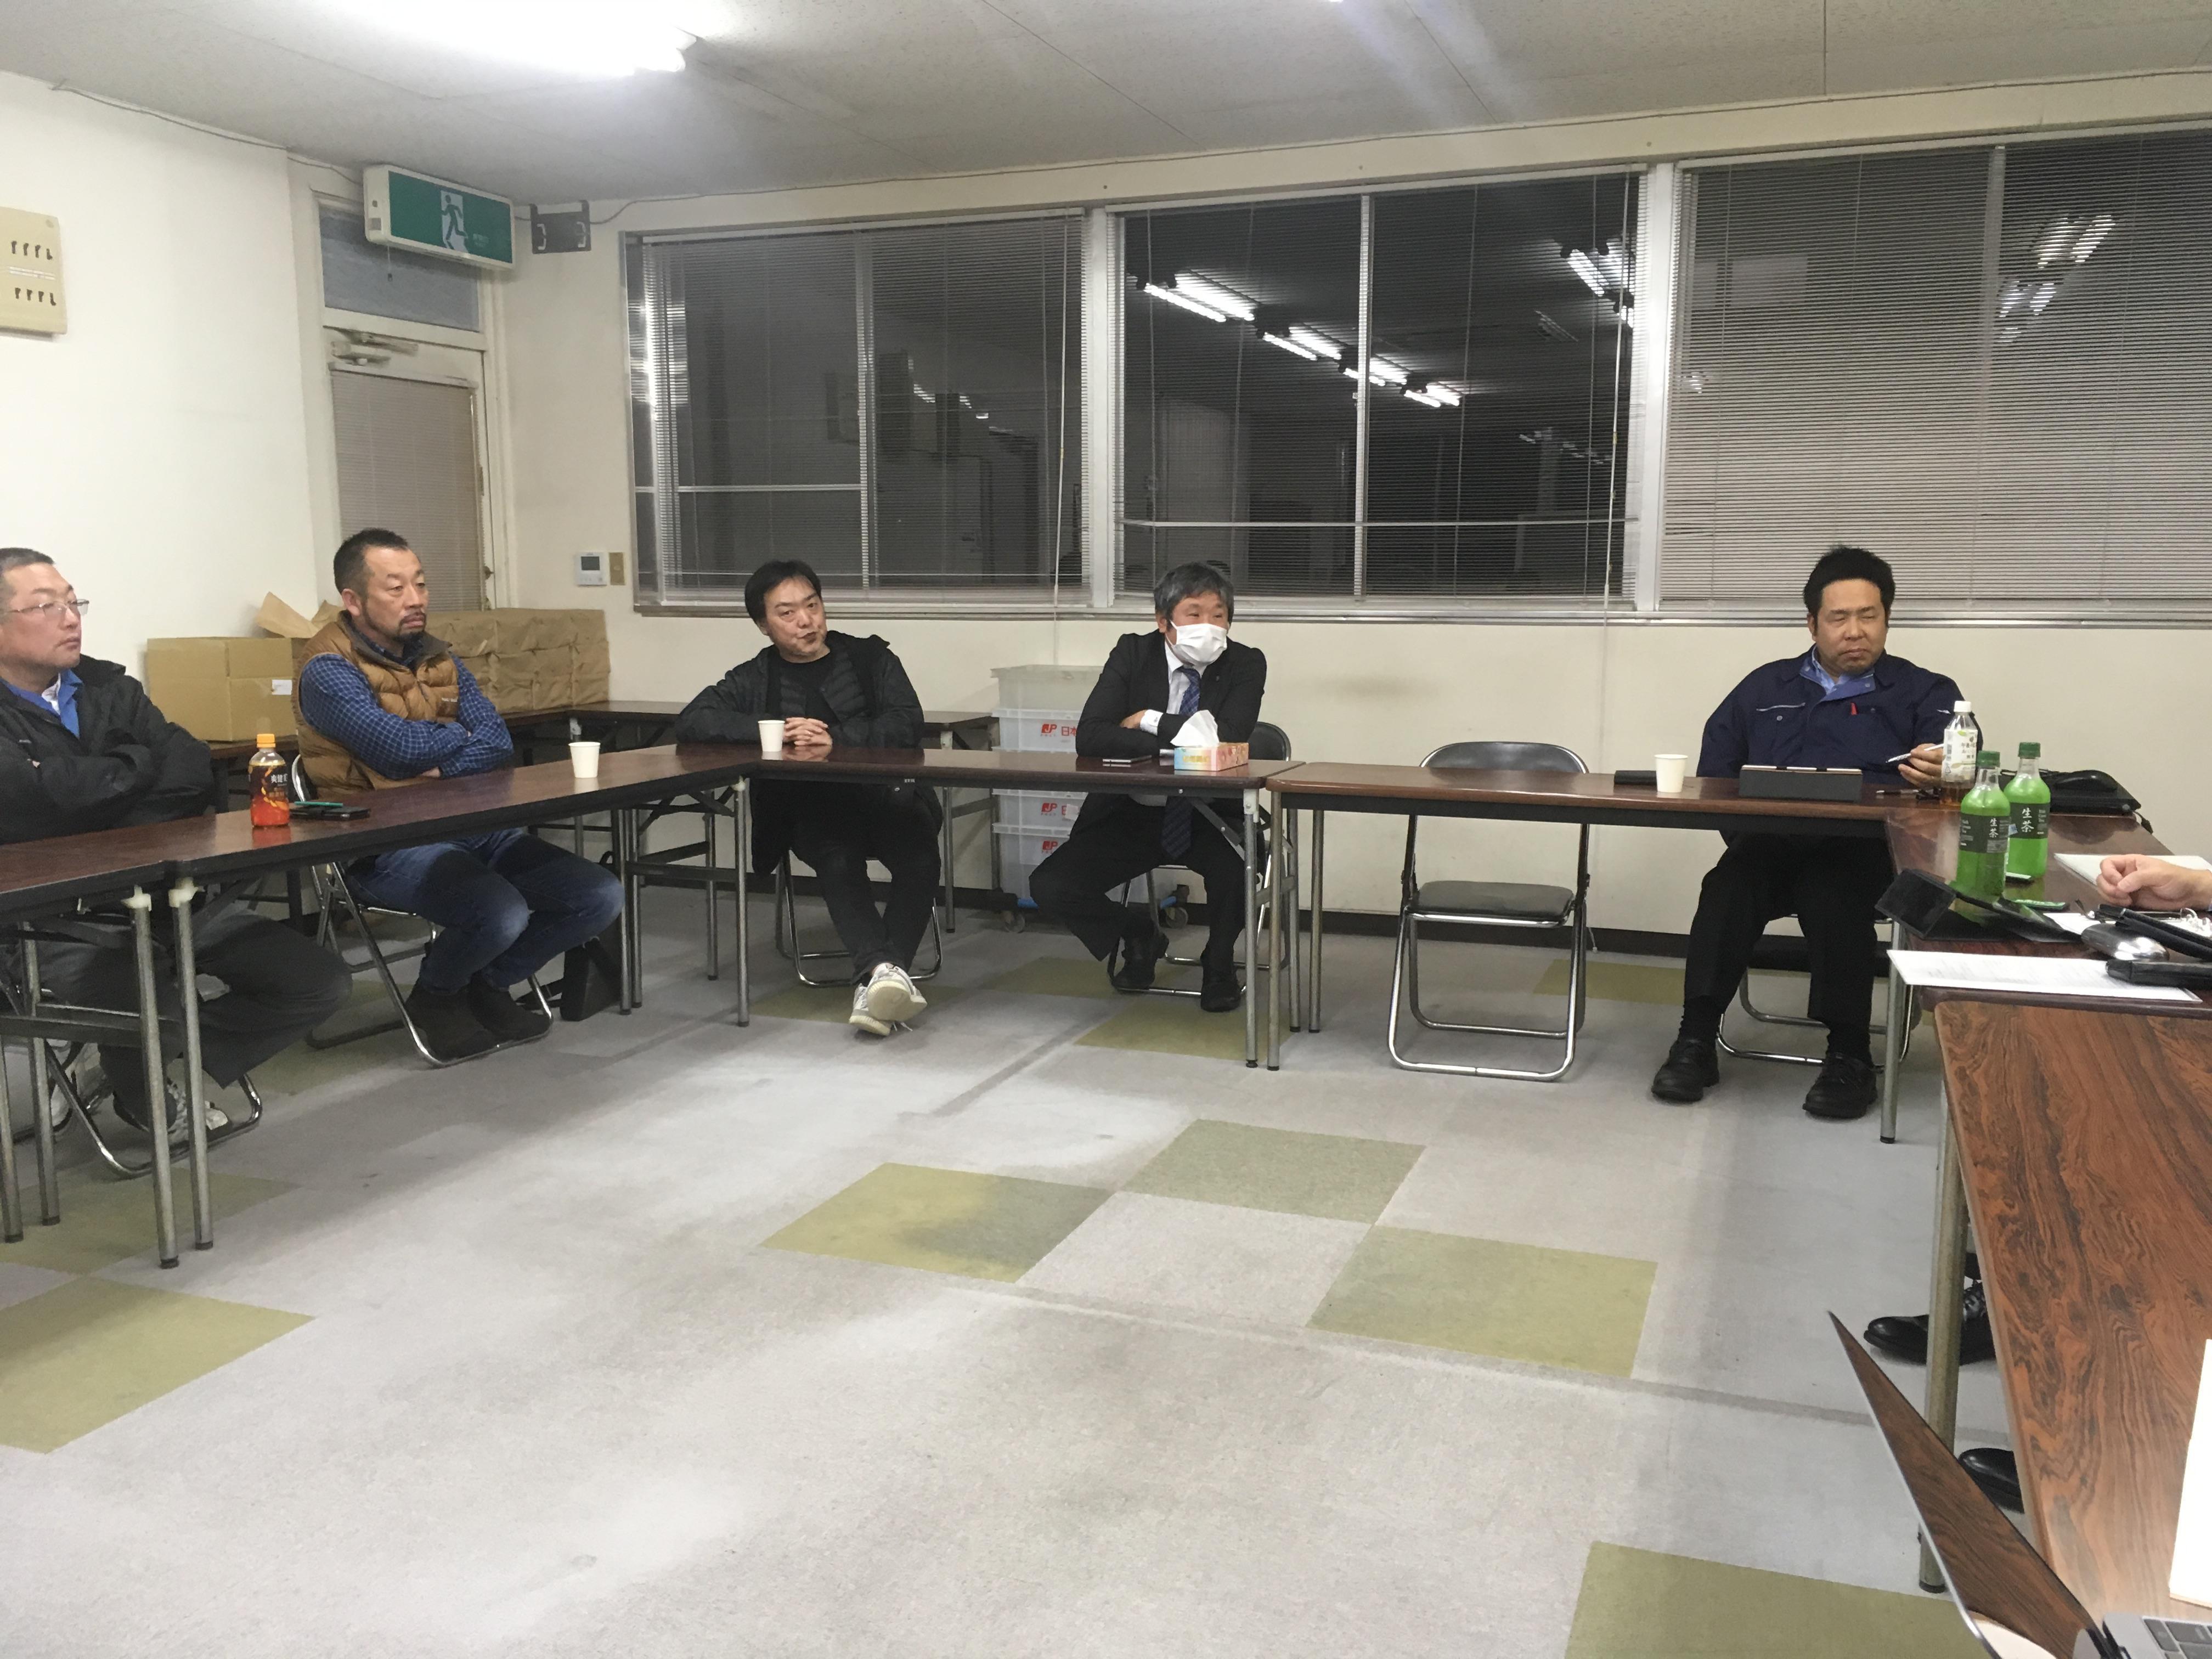 なんでも話せる経営談義の場〜城北JAM!2019/01/08